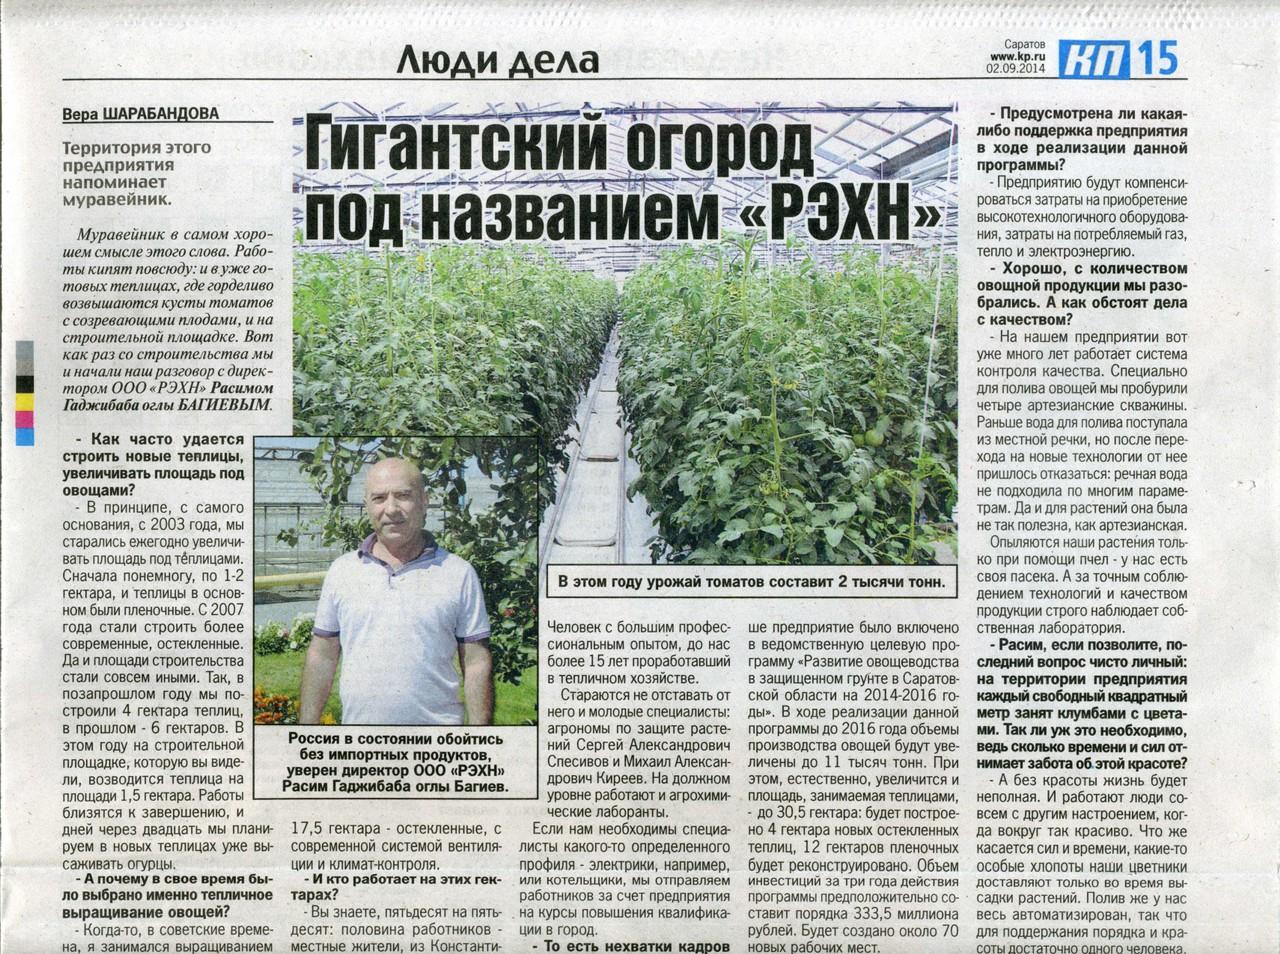 хапалин владимир иванович саратов фото